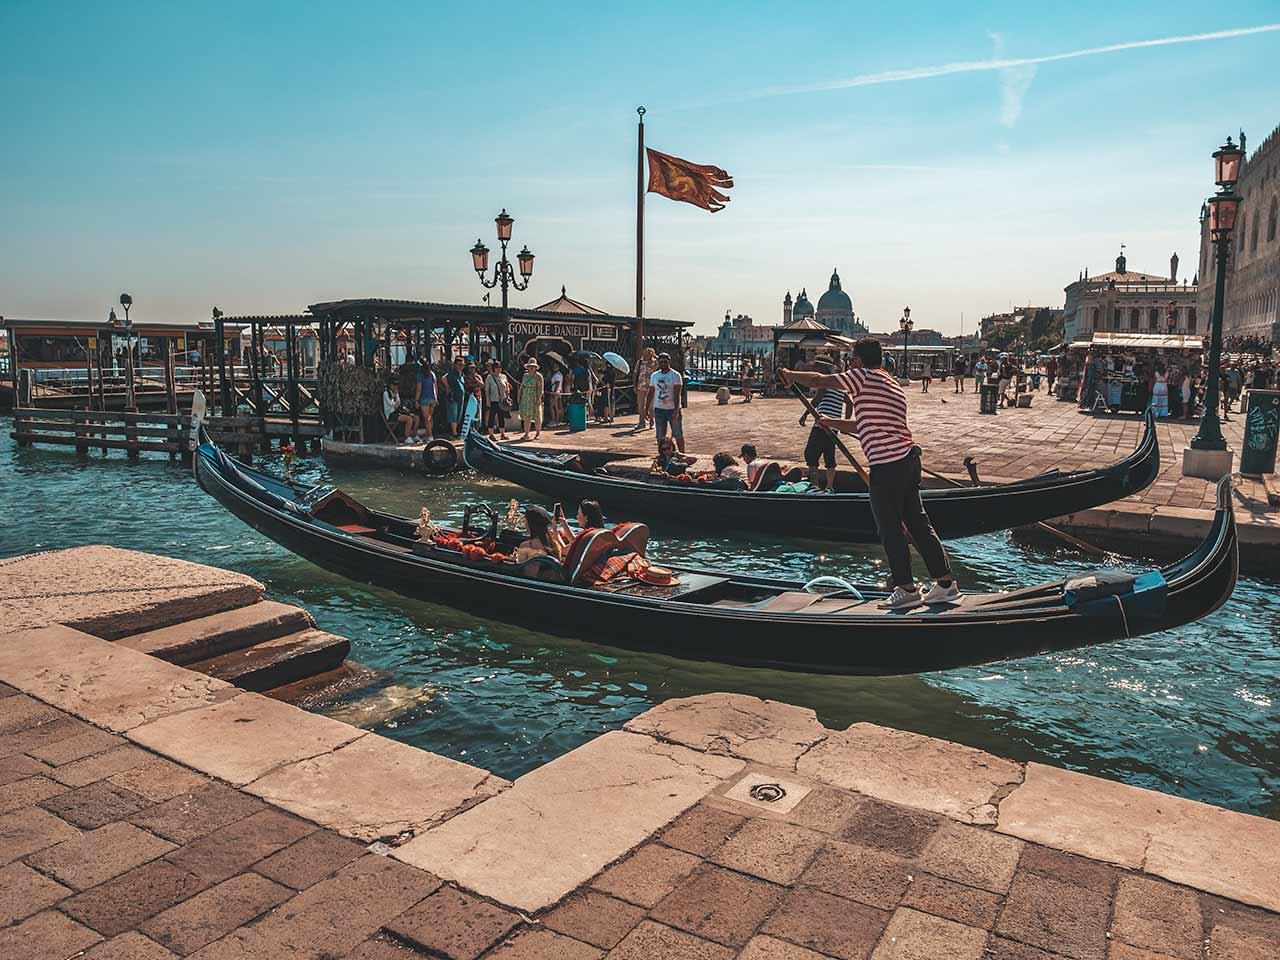 Gondelfahrt in Venedig vom Ufer